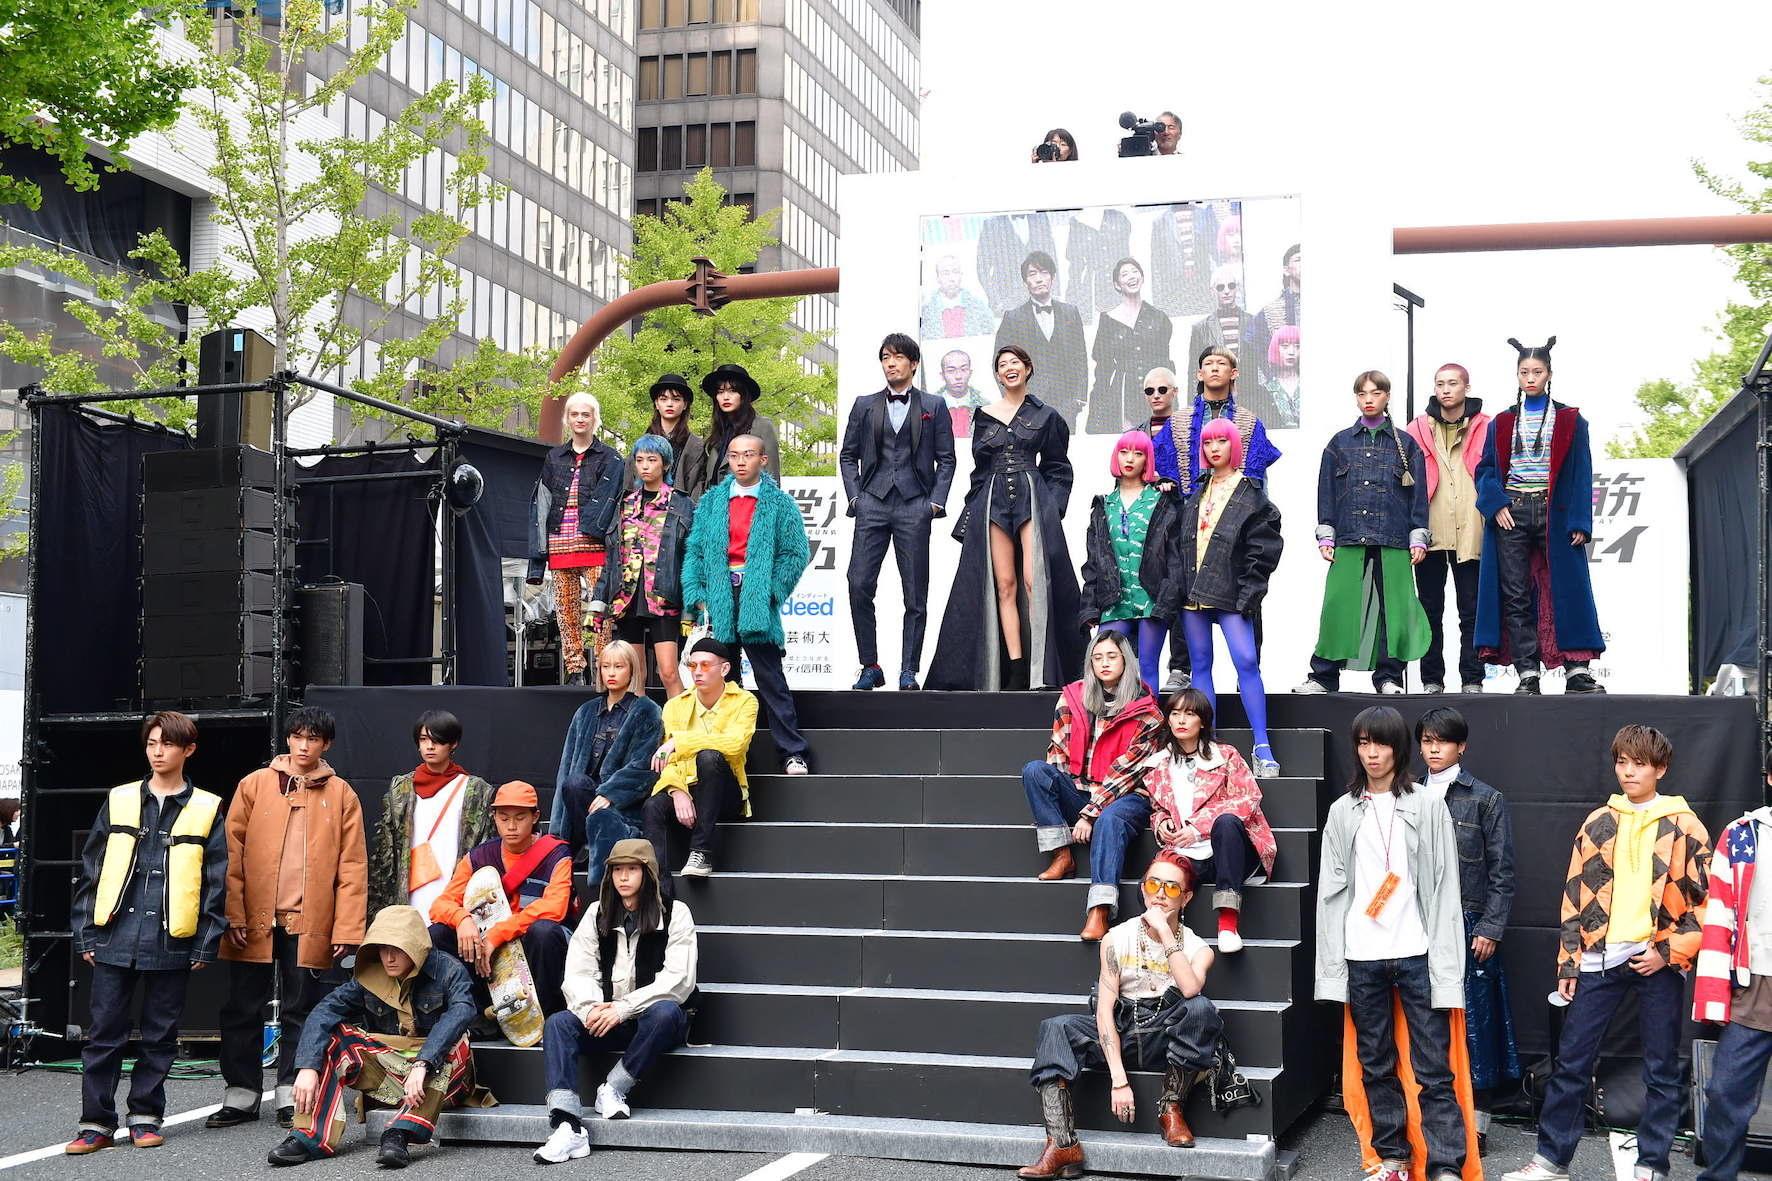 http://news.yoshimoto.co.jp/20181105003308-90c75ef5534e40f4f77d475ba1e78d4c05209718.jpg